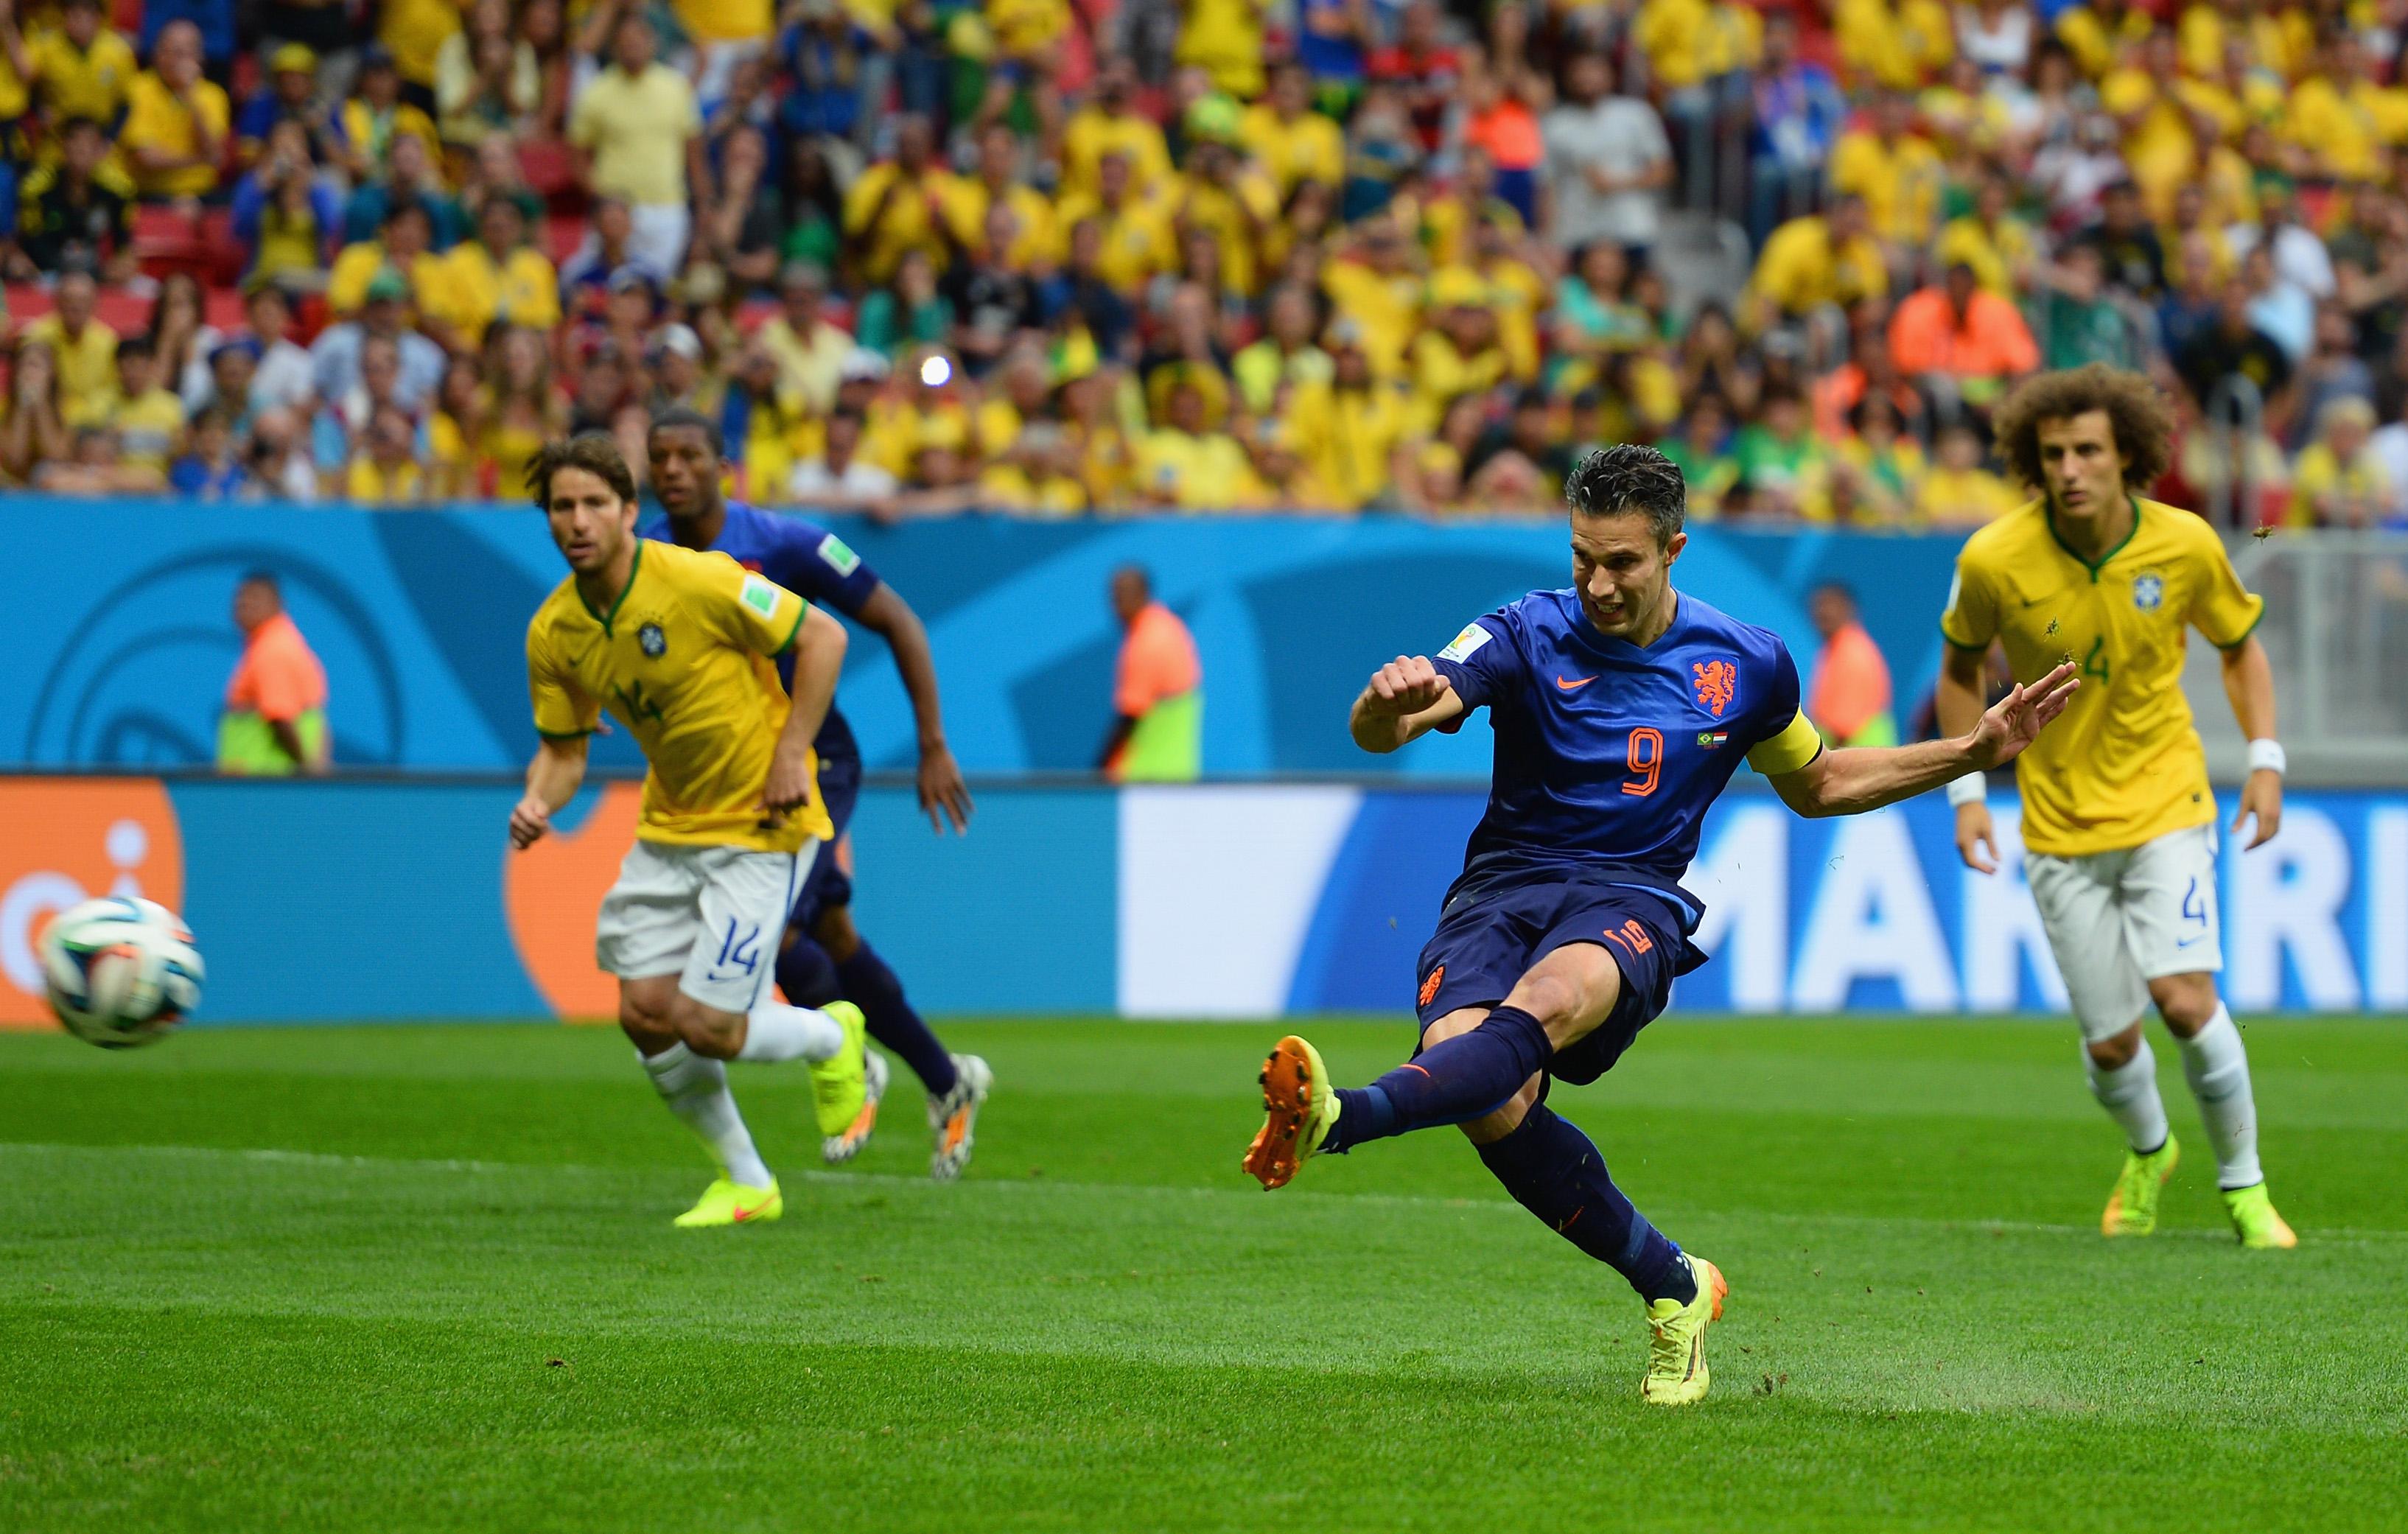 Nach dem Foul von Thiago Silva an Robben: Elfmeter von van Persie schließt die Niederlande in die Führung gegen Brasilien (Video)